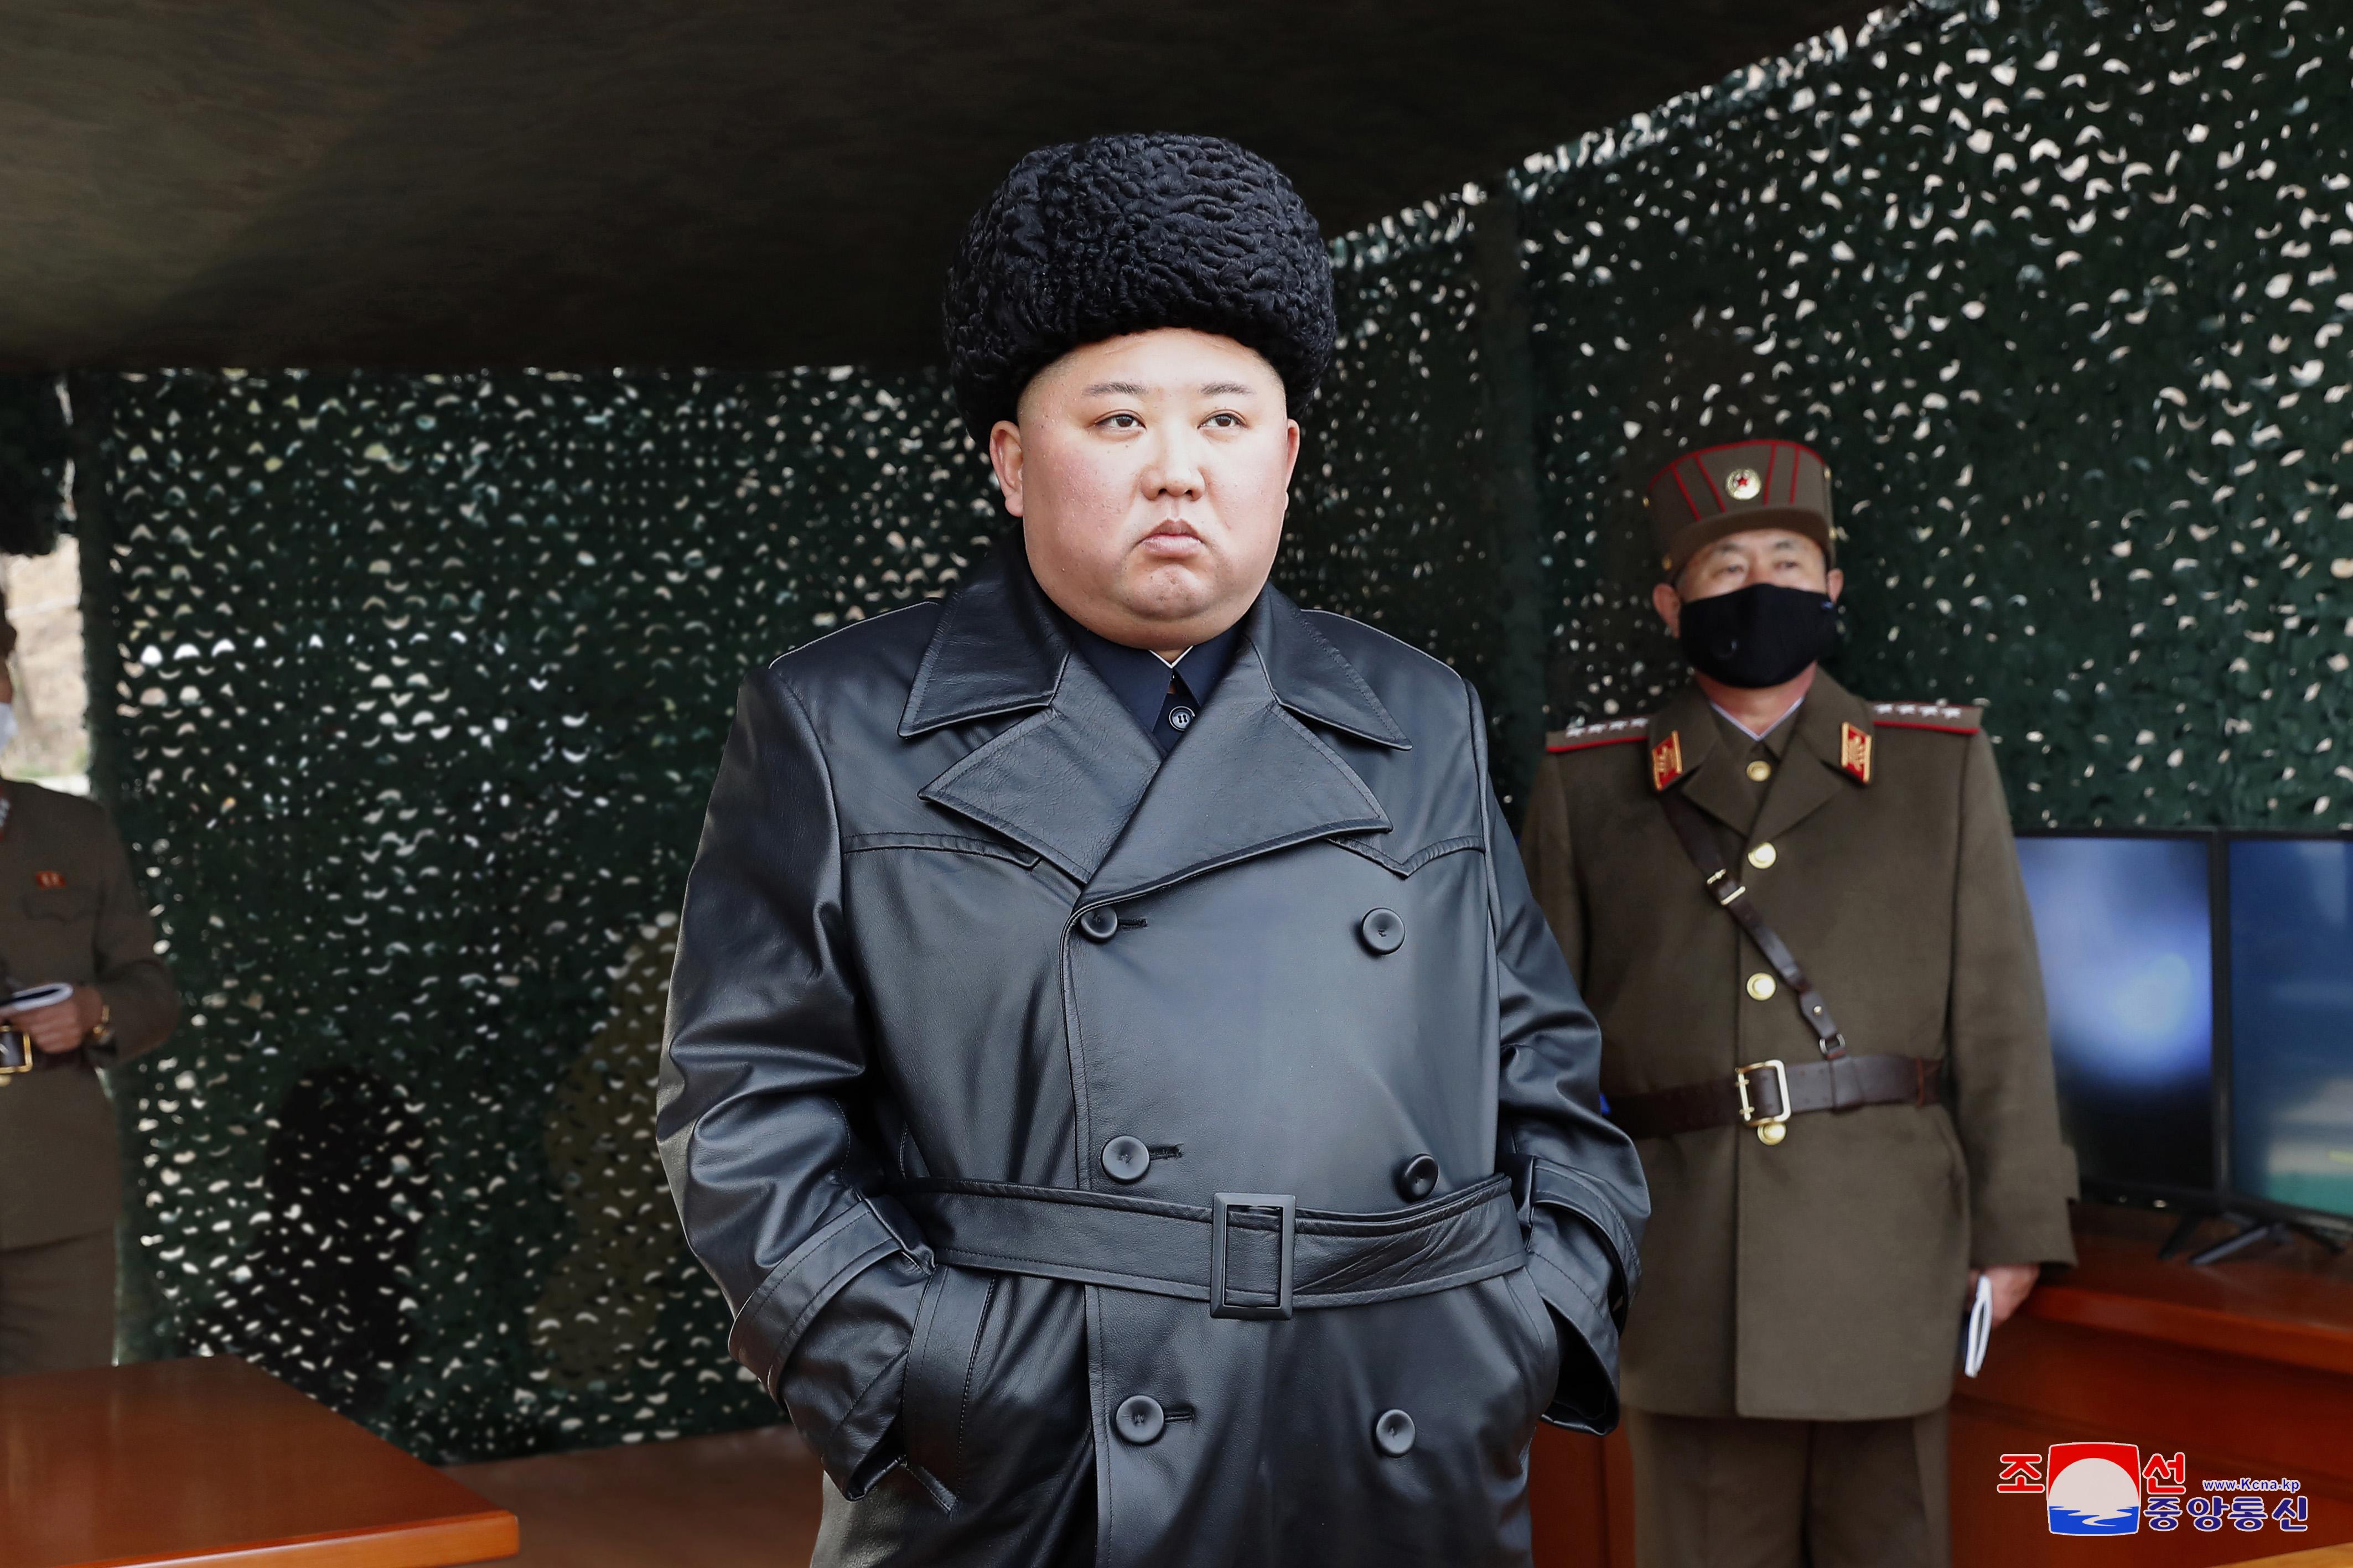 El gran lóder Kim Jong Un observa ejercicio de alto impacto realizados por la artíllería de l Ejército Popular de Corea (EPC).